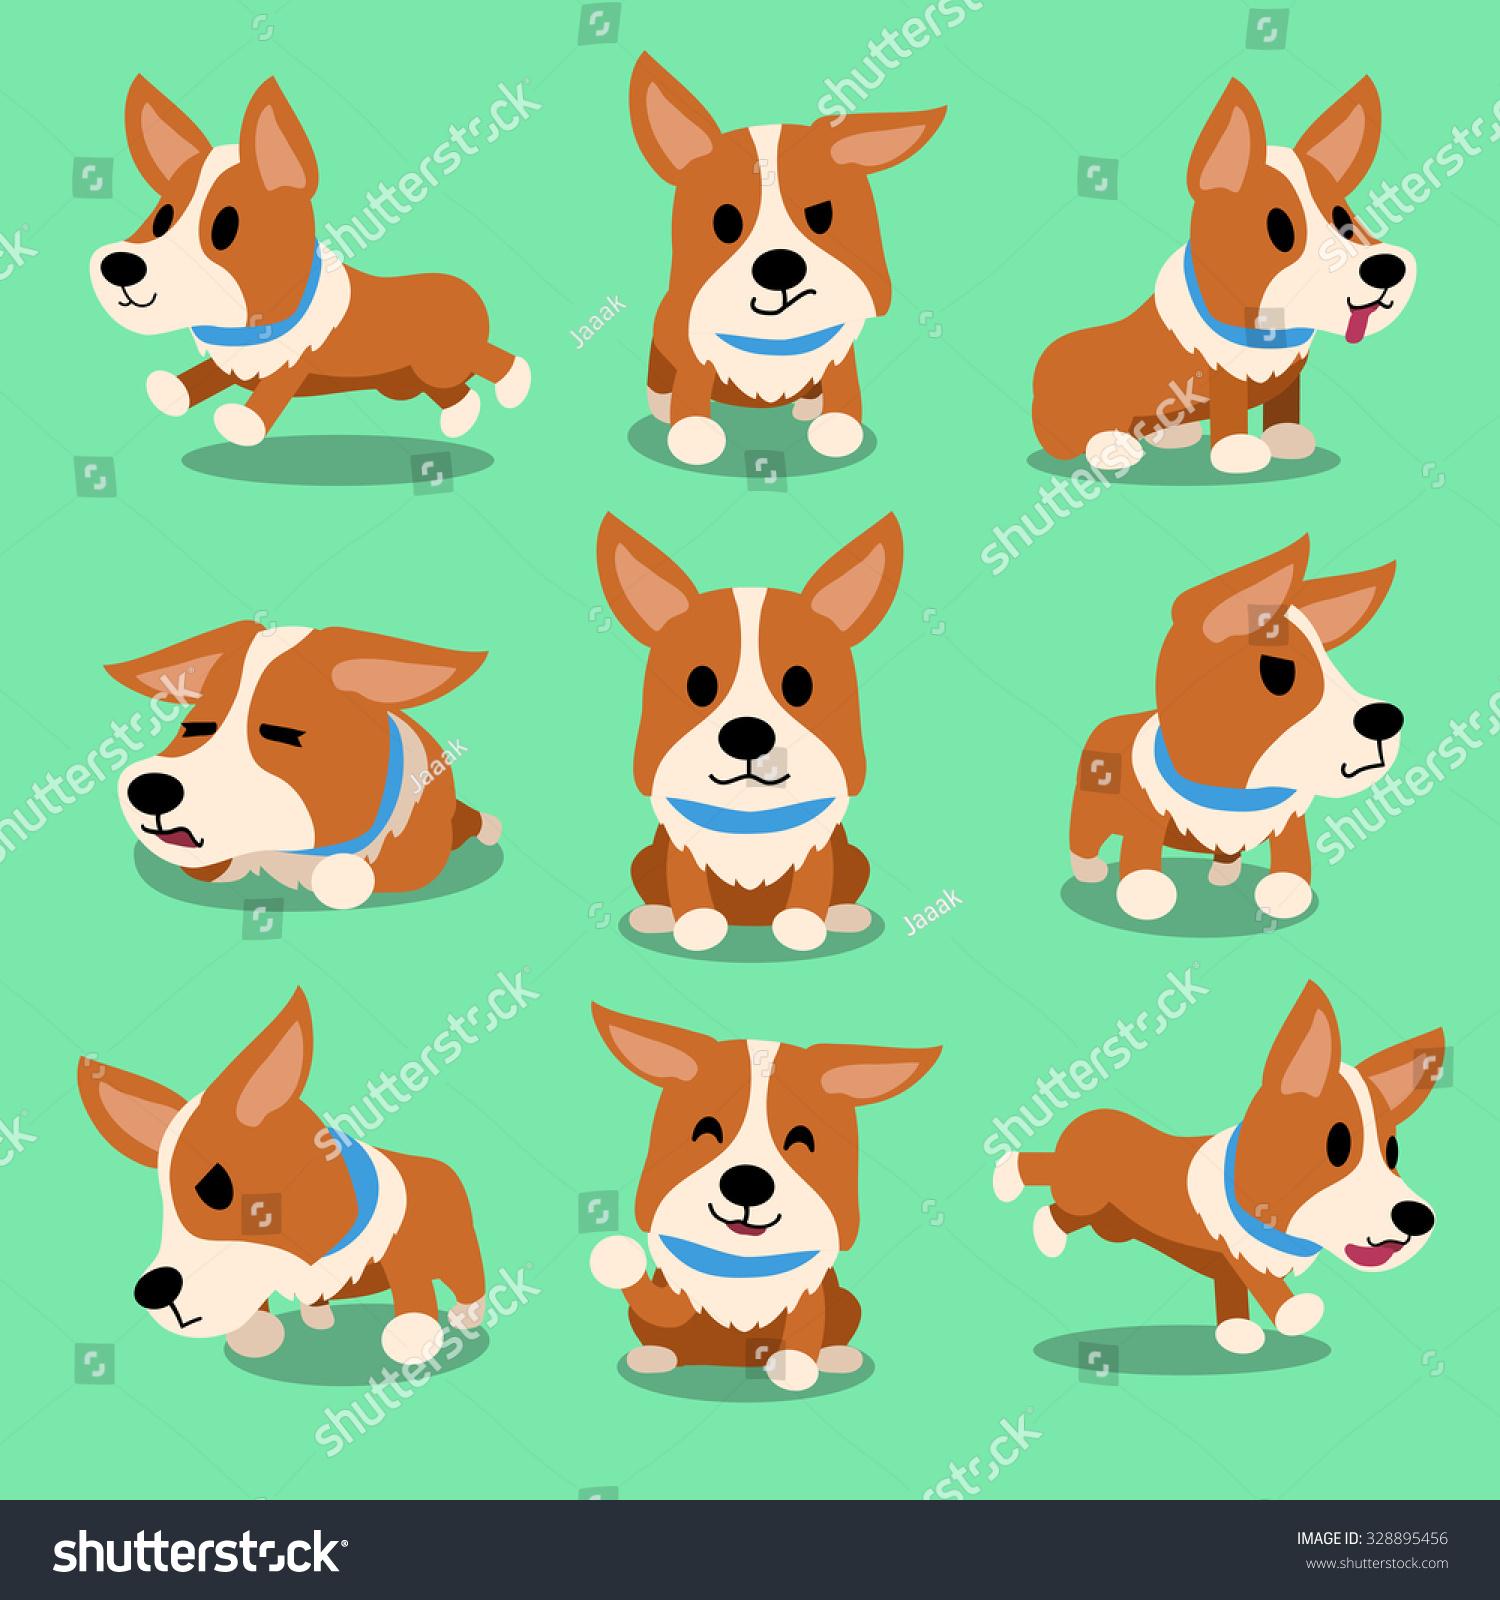 Cartoon dog stock photos images amp pictures shutterstock - Cartoon Character Corgi Dog Poses